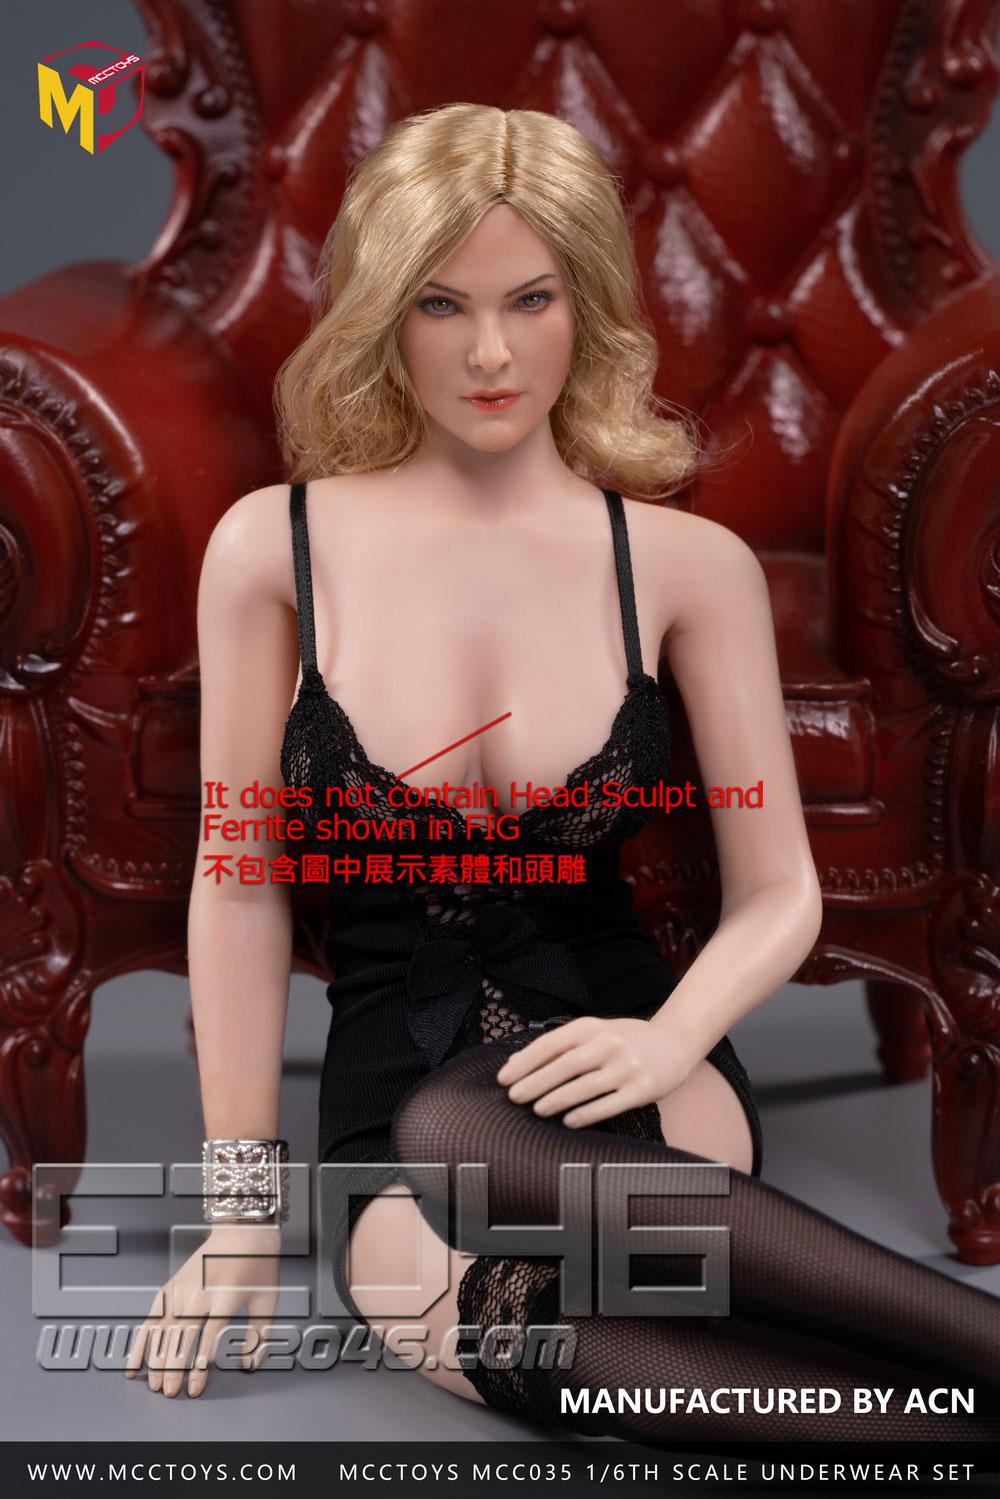 Exquisite Underwear Set Medium Size (DOLL)